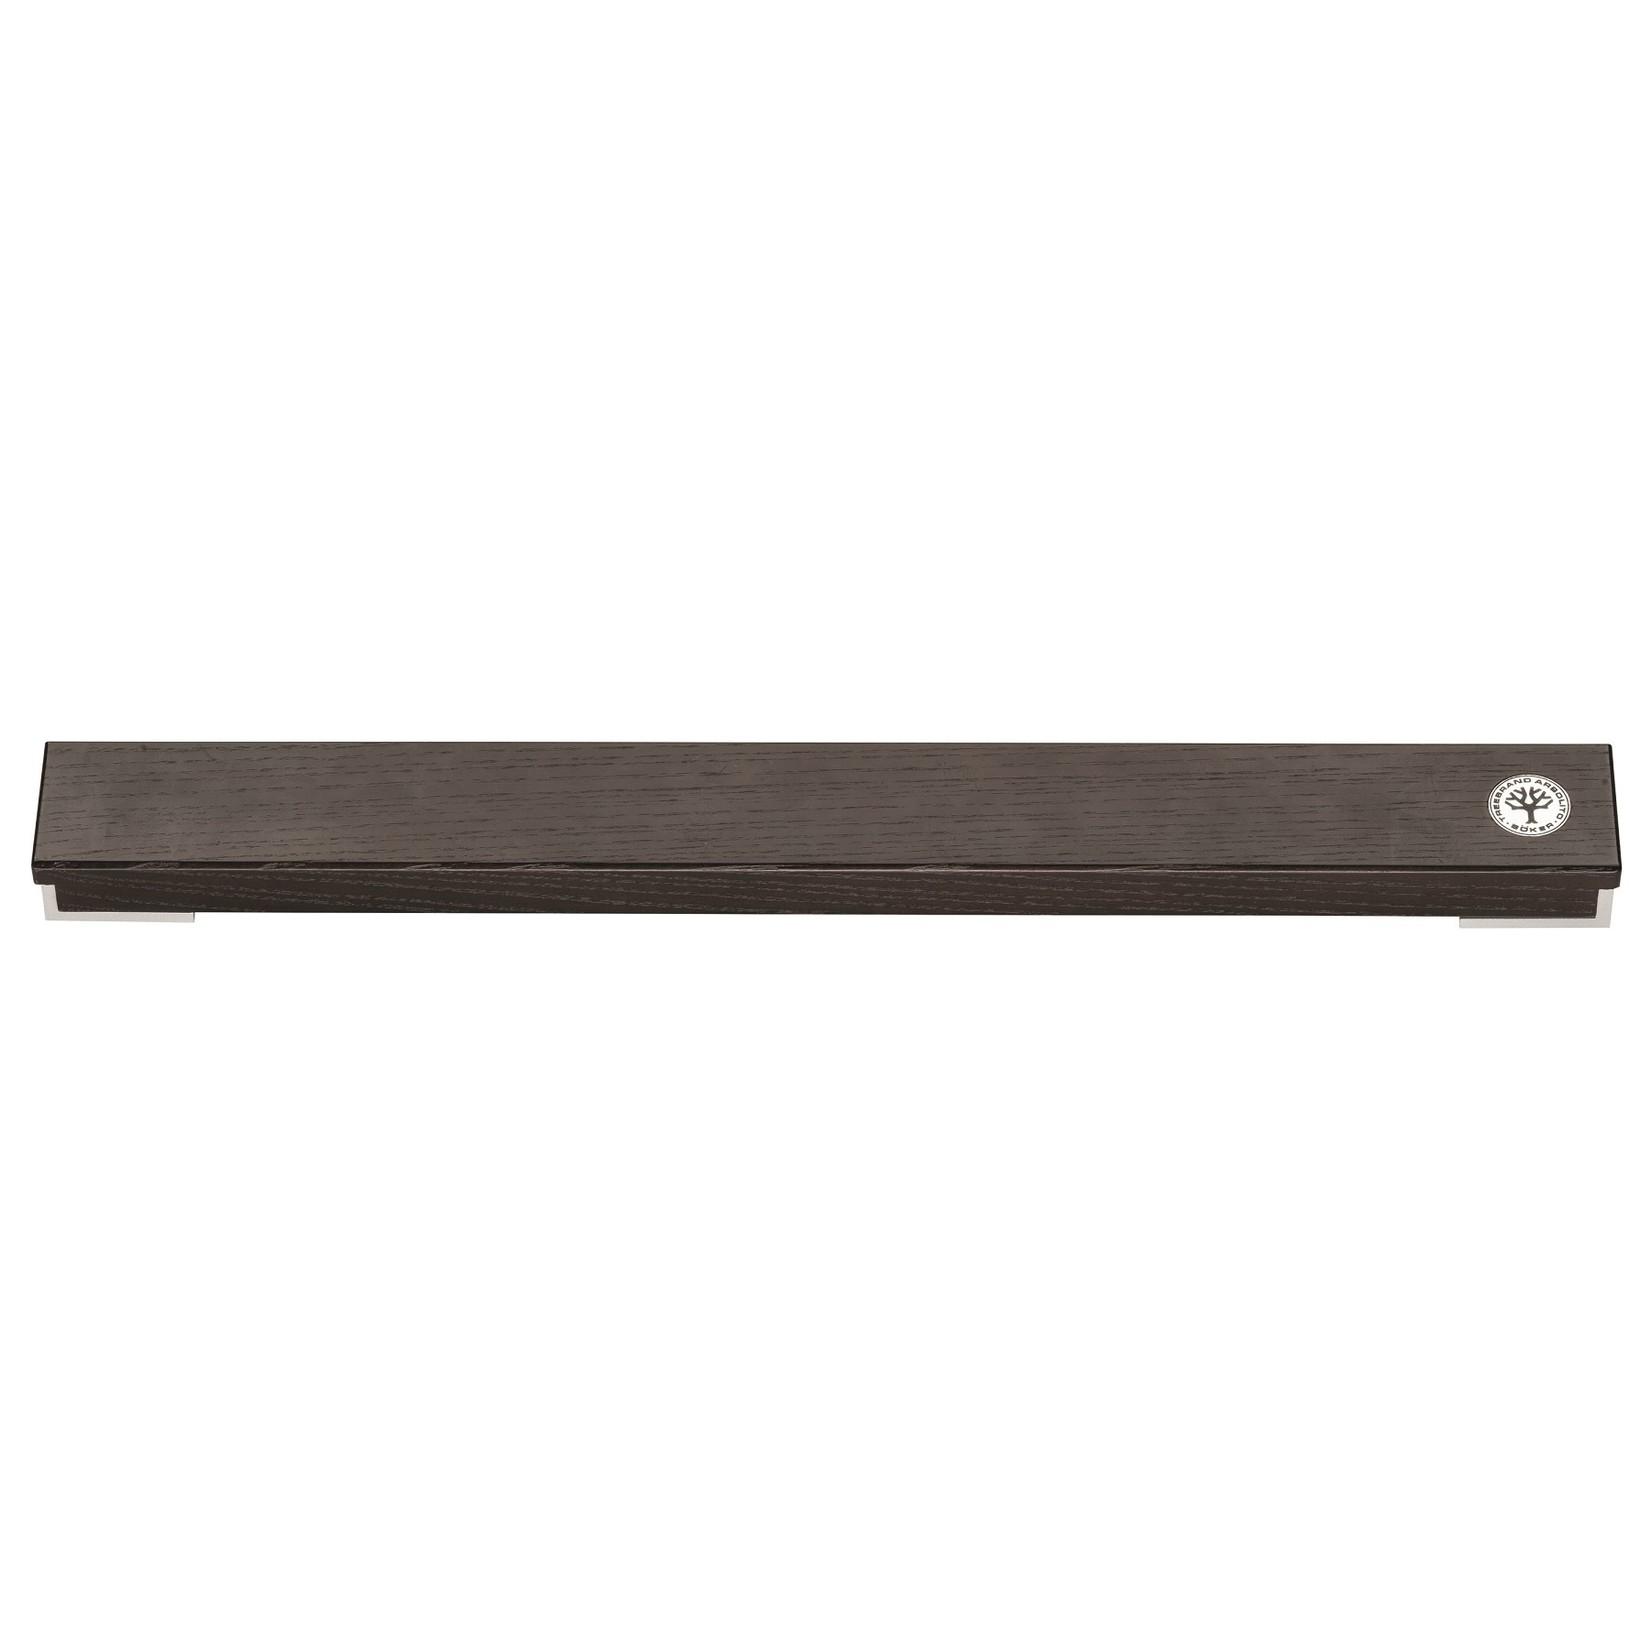 Boker Boker Magneetstrip donkerbruin 42cm